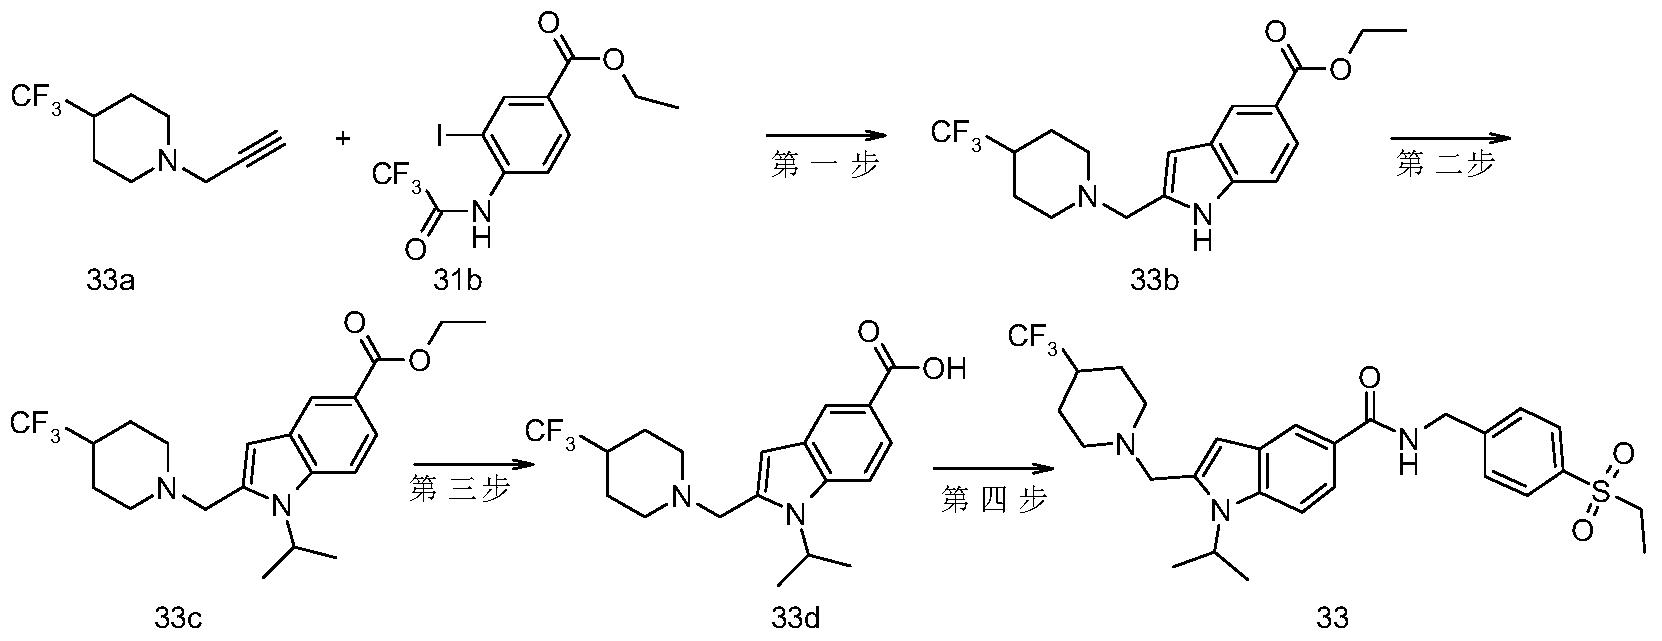 Figure PCTCN2017077114-appb-000086